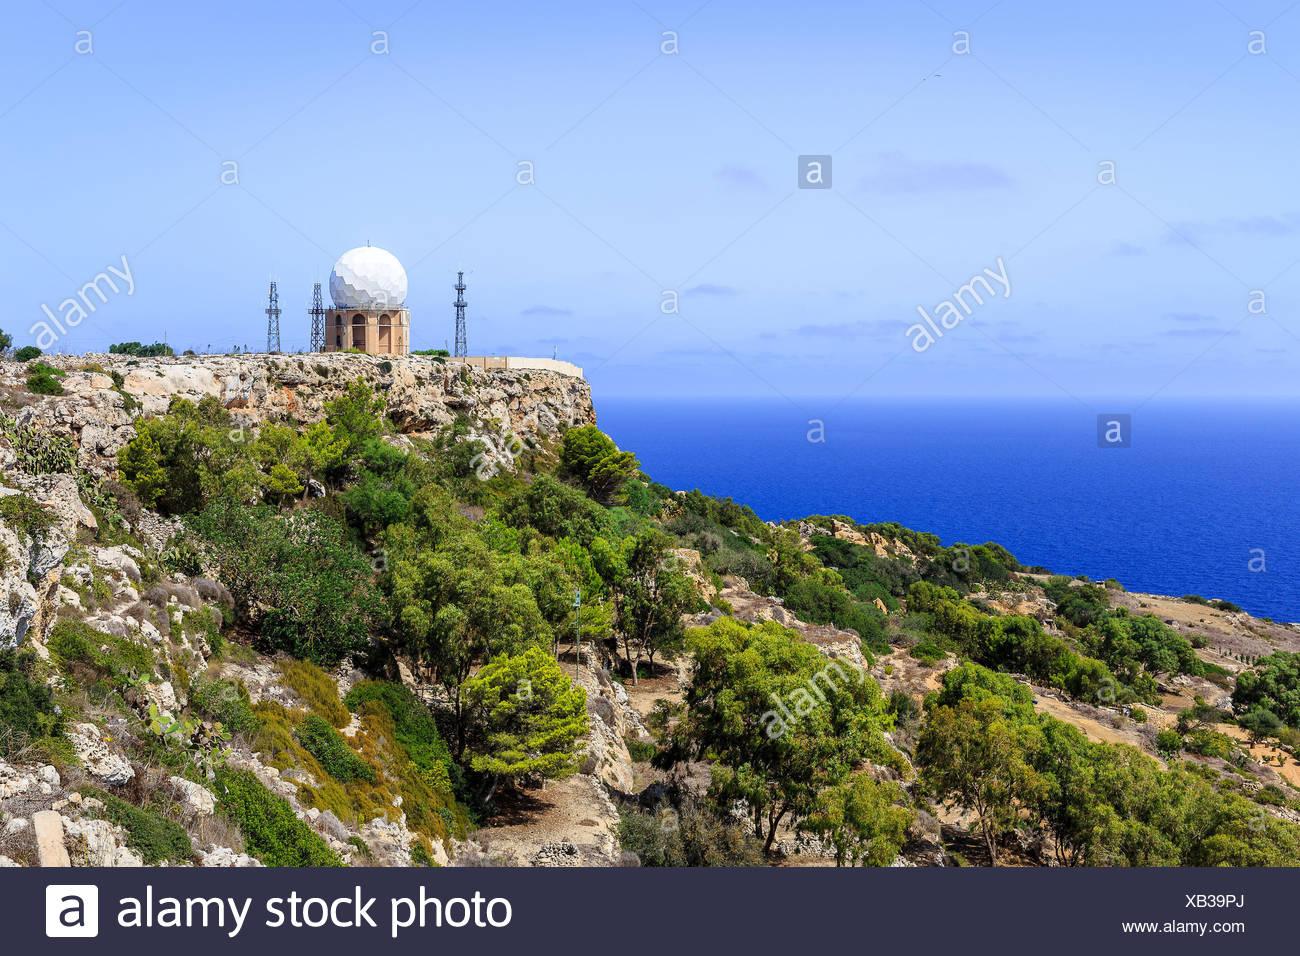 Malta, ufficialmente conosciuta come la repubblica di malta è un southern isola europea paese costituito da un arcipelago nel Mar Mediterraneo. Immagini Stock